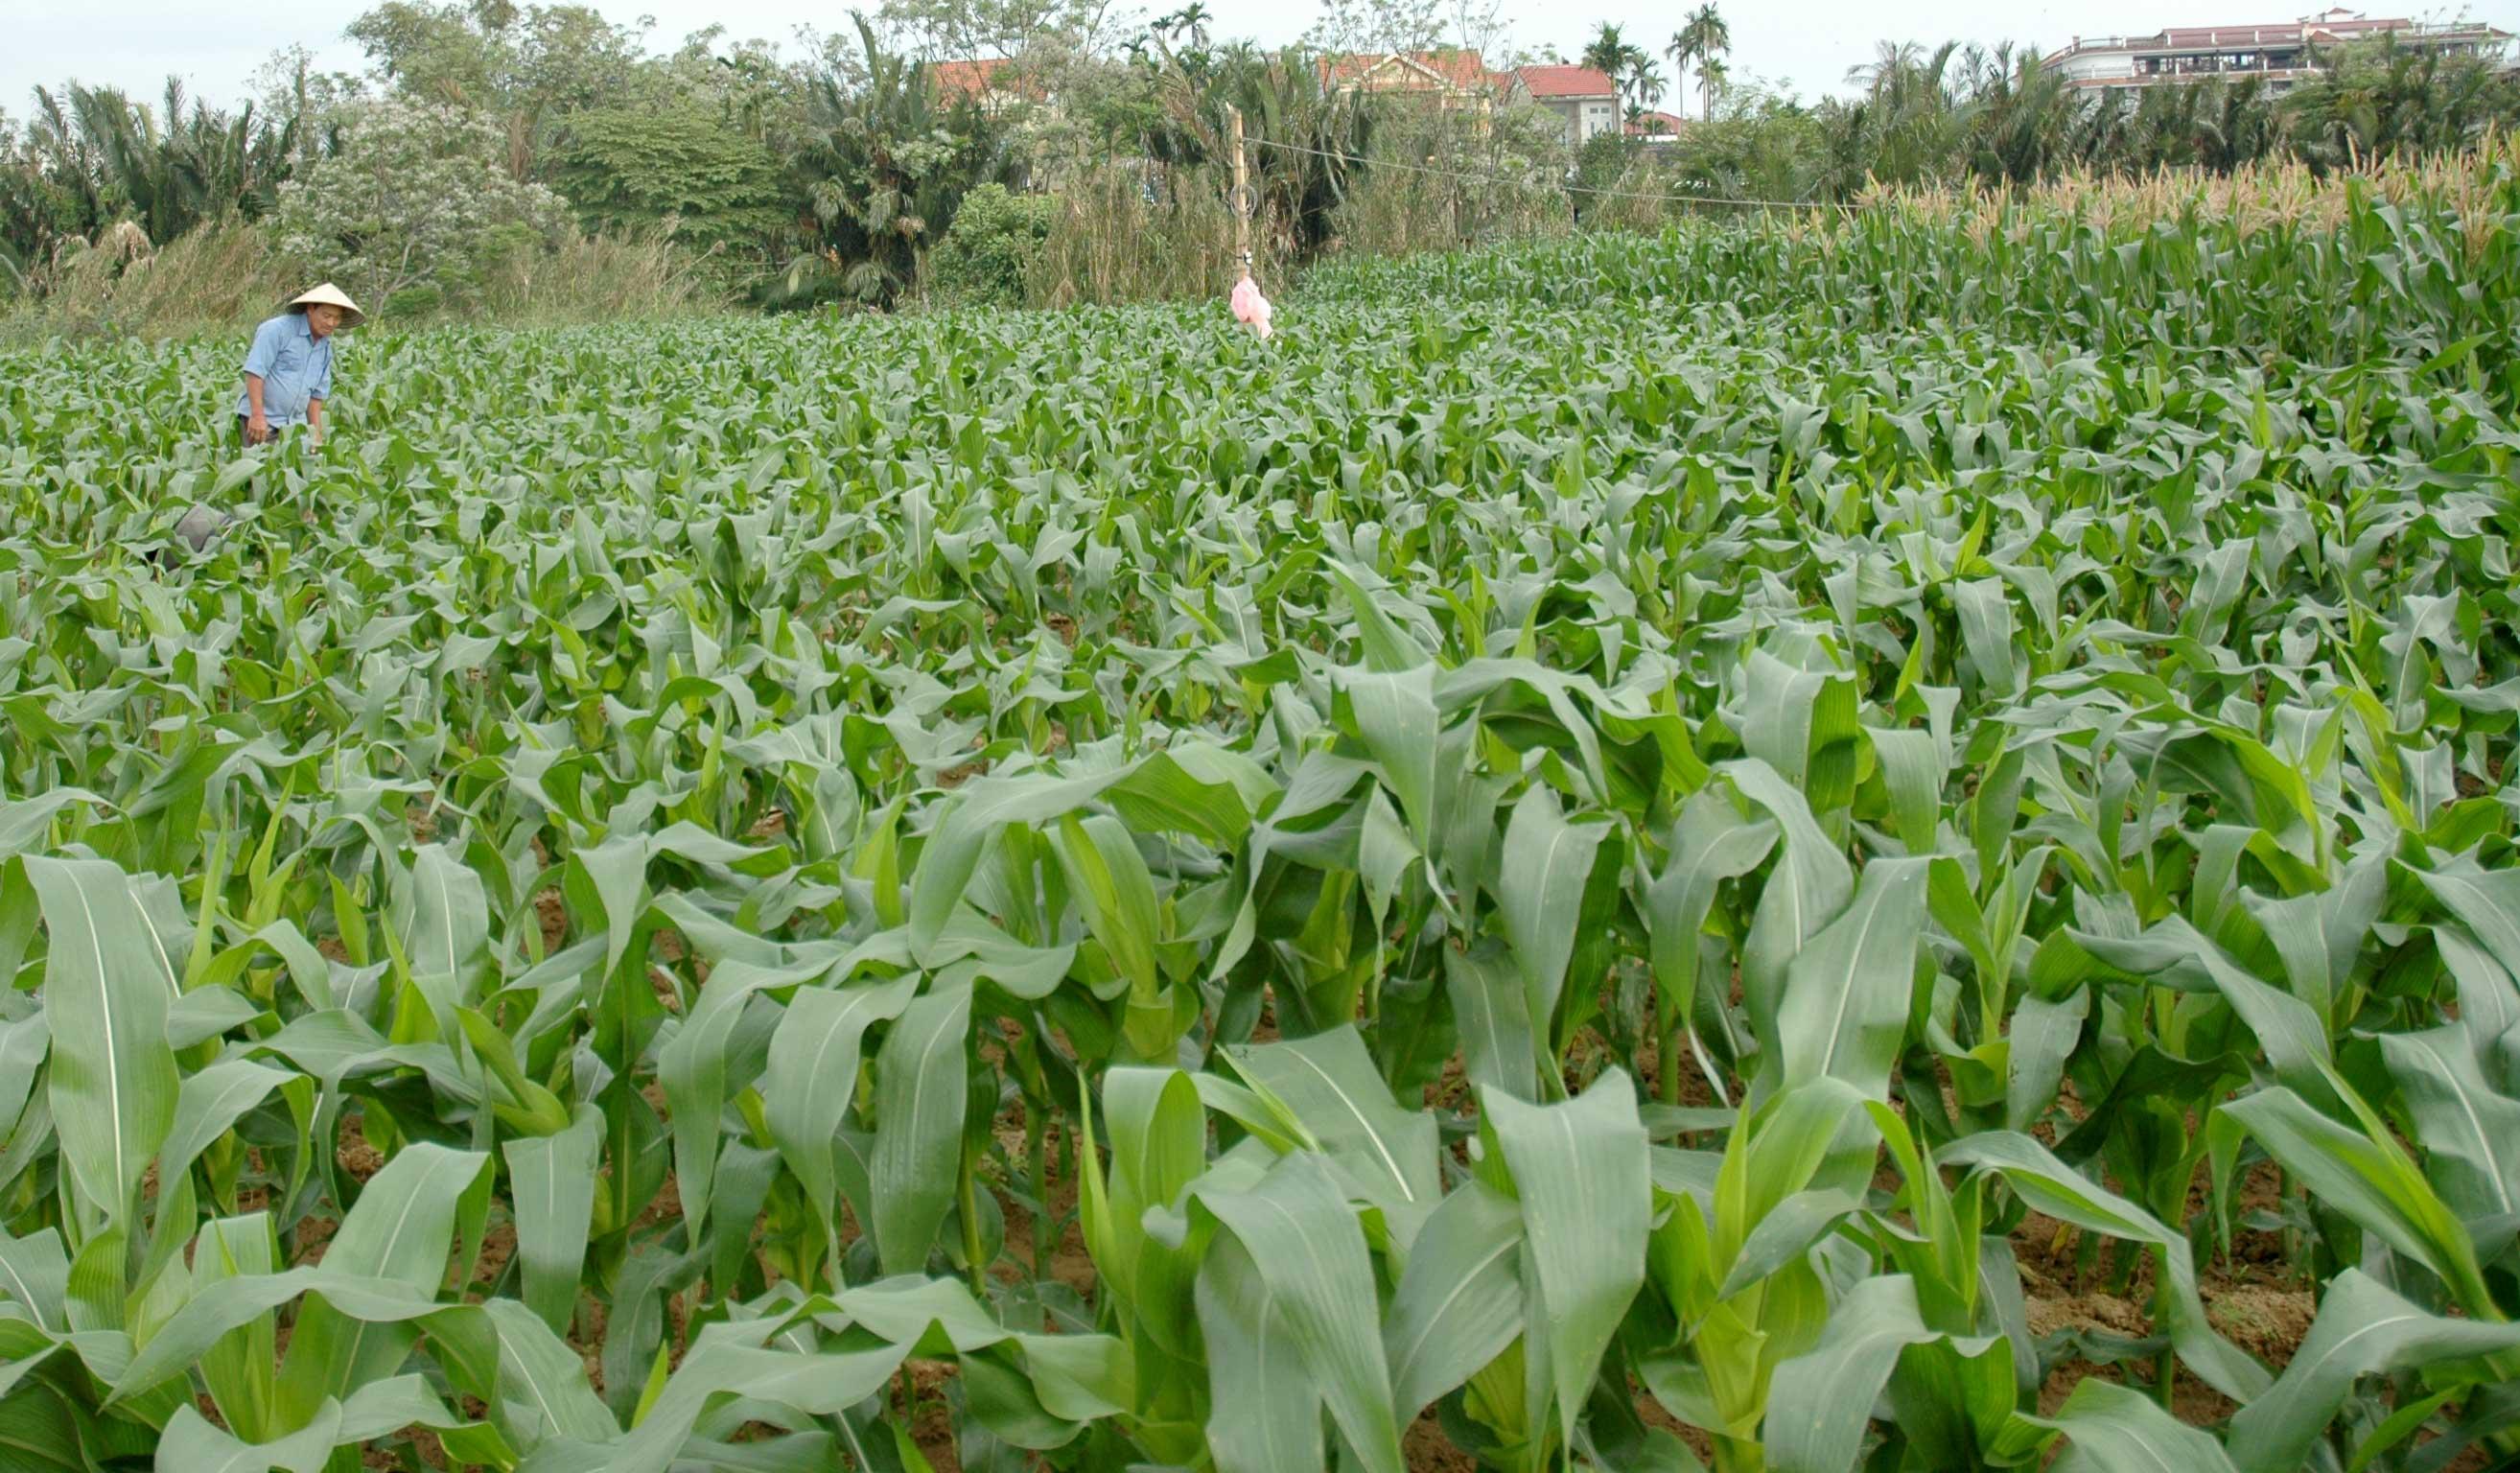 Hộ ông Tiễn được cho là gia đình trồng bắp lâu đời và nhiều nhất phường Cẩm Nam. Ảnh: PHAN VINH